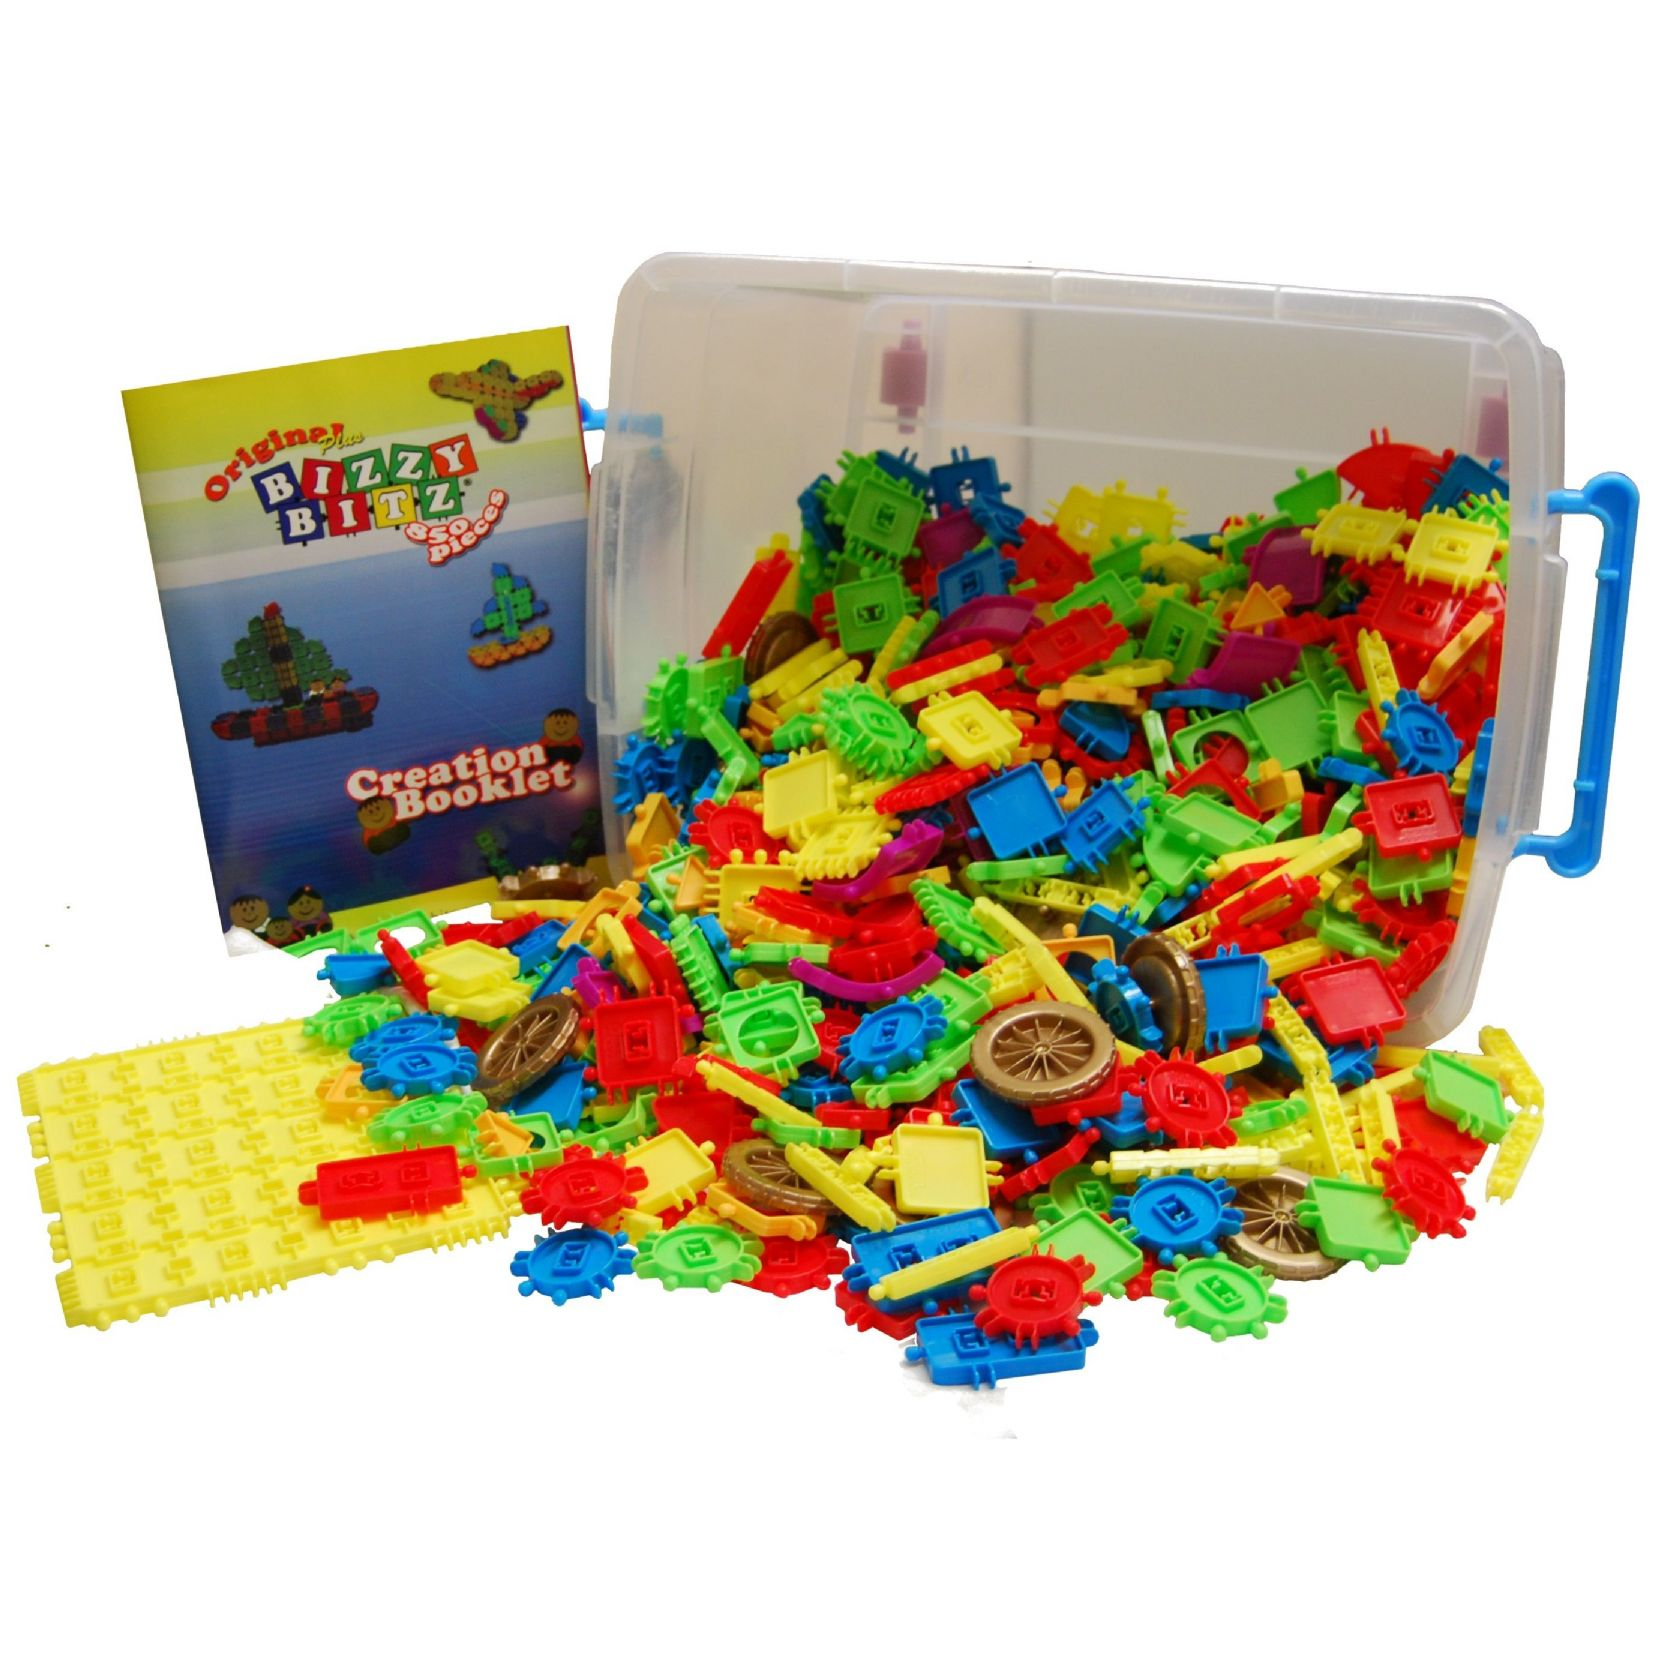 Original plus bizzy bitz construction toys 850 piece plastic tub age